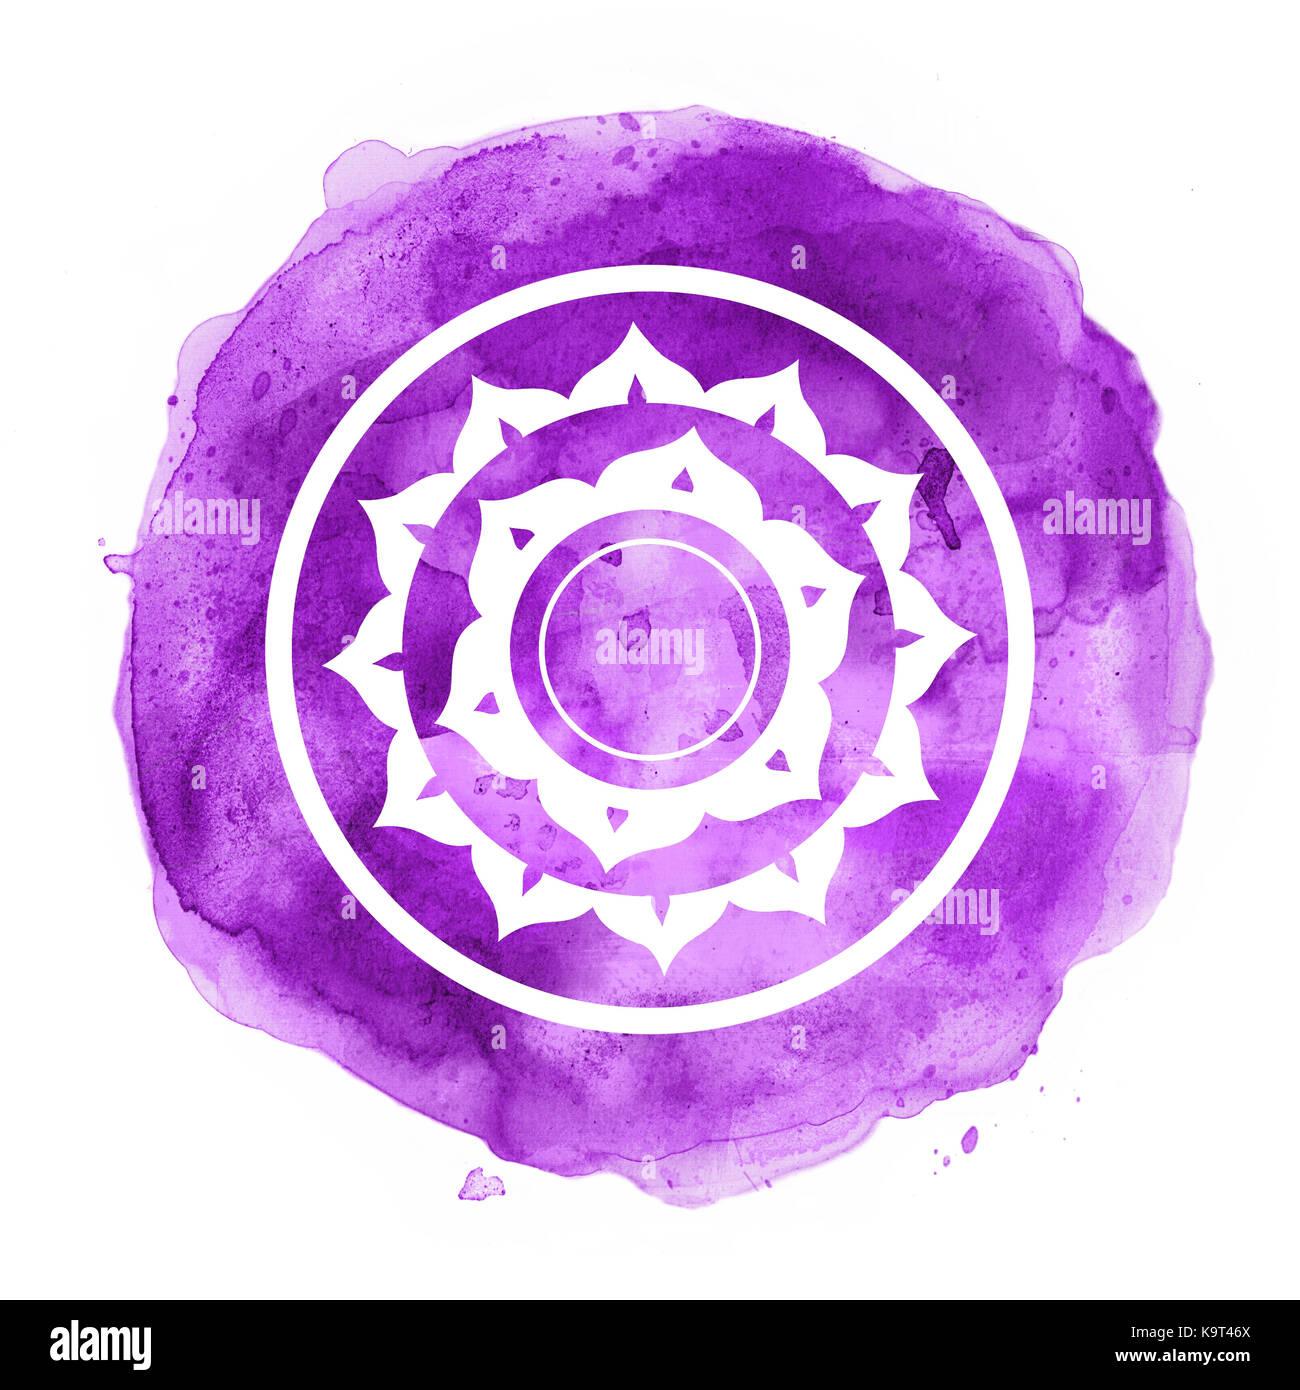 Sahasrara stock photos sahasrara stock images alamy chakra symbol stock image buycottarizona Image collections